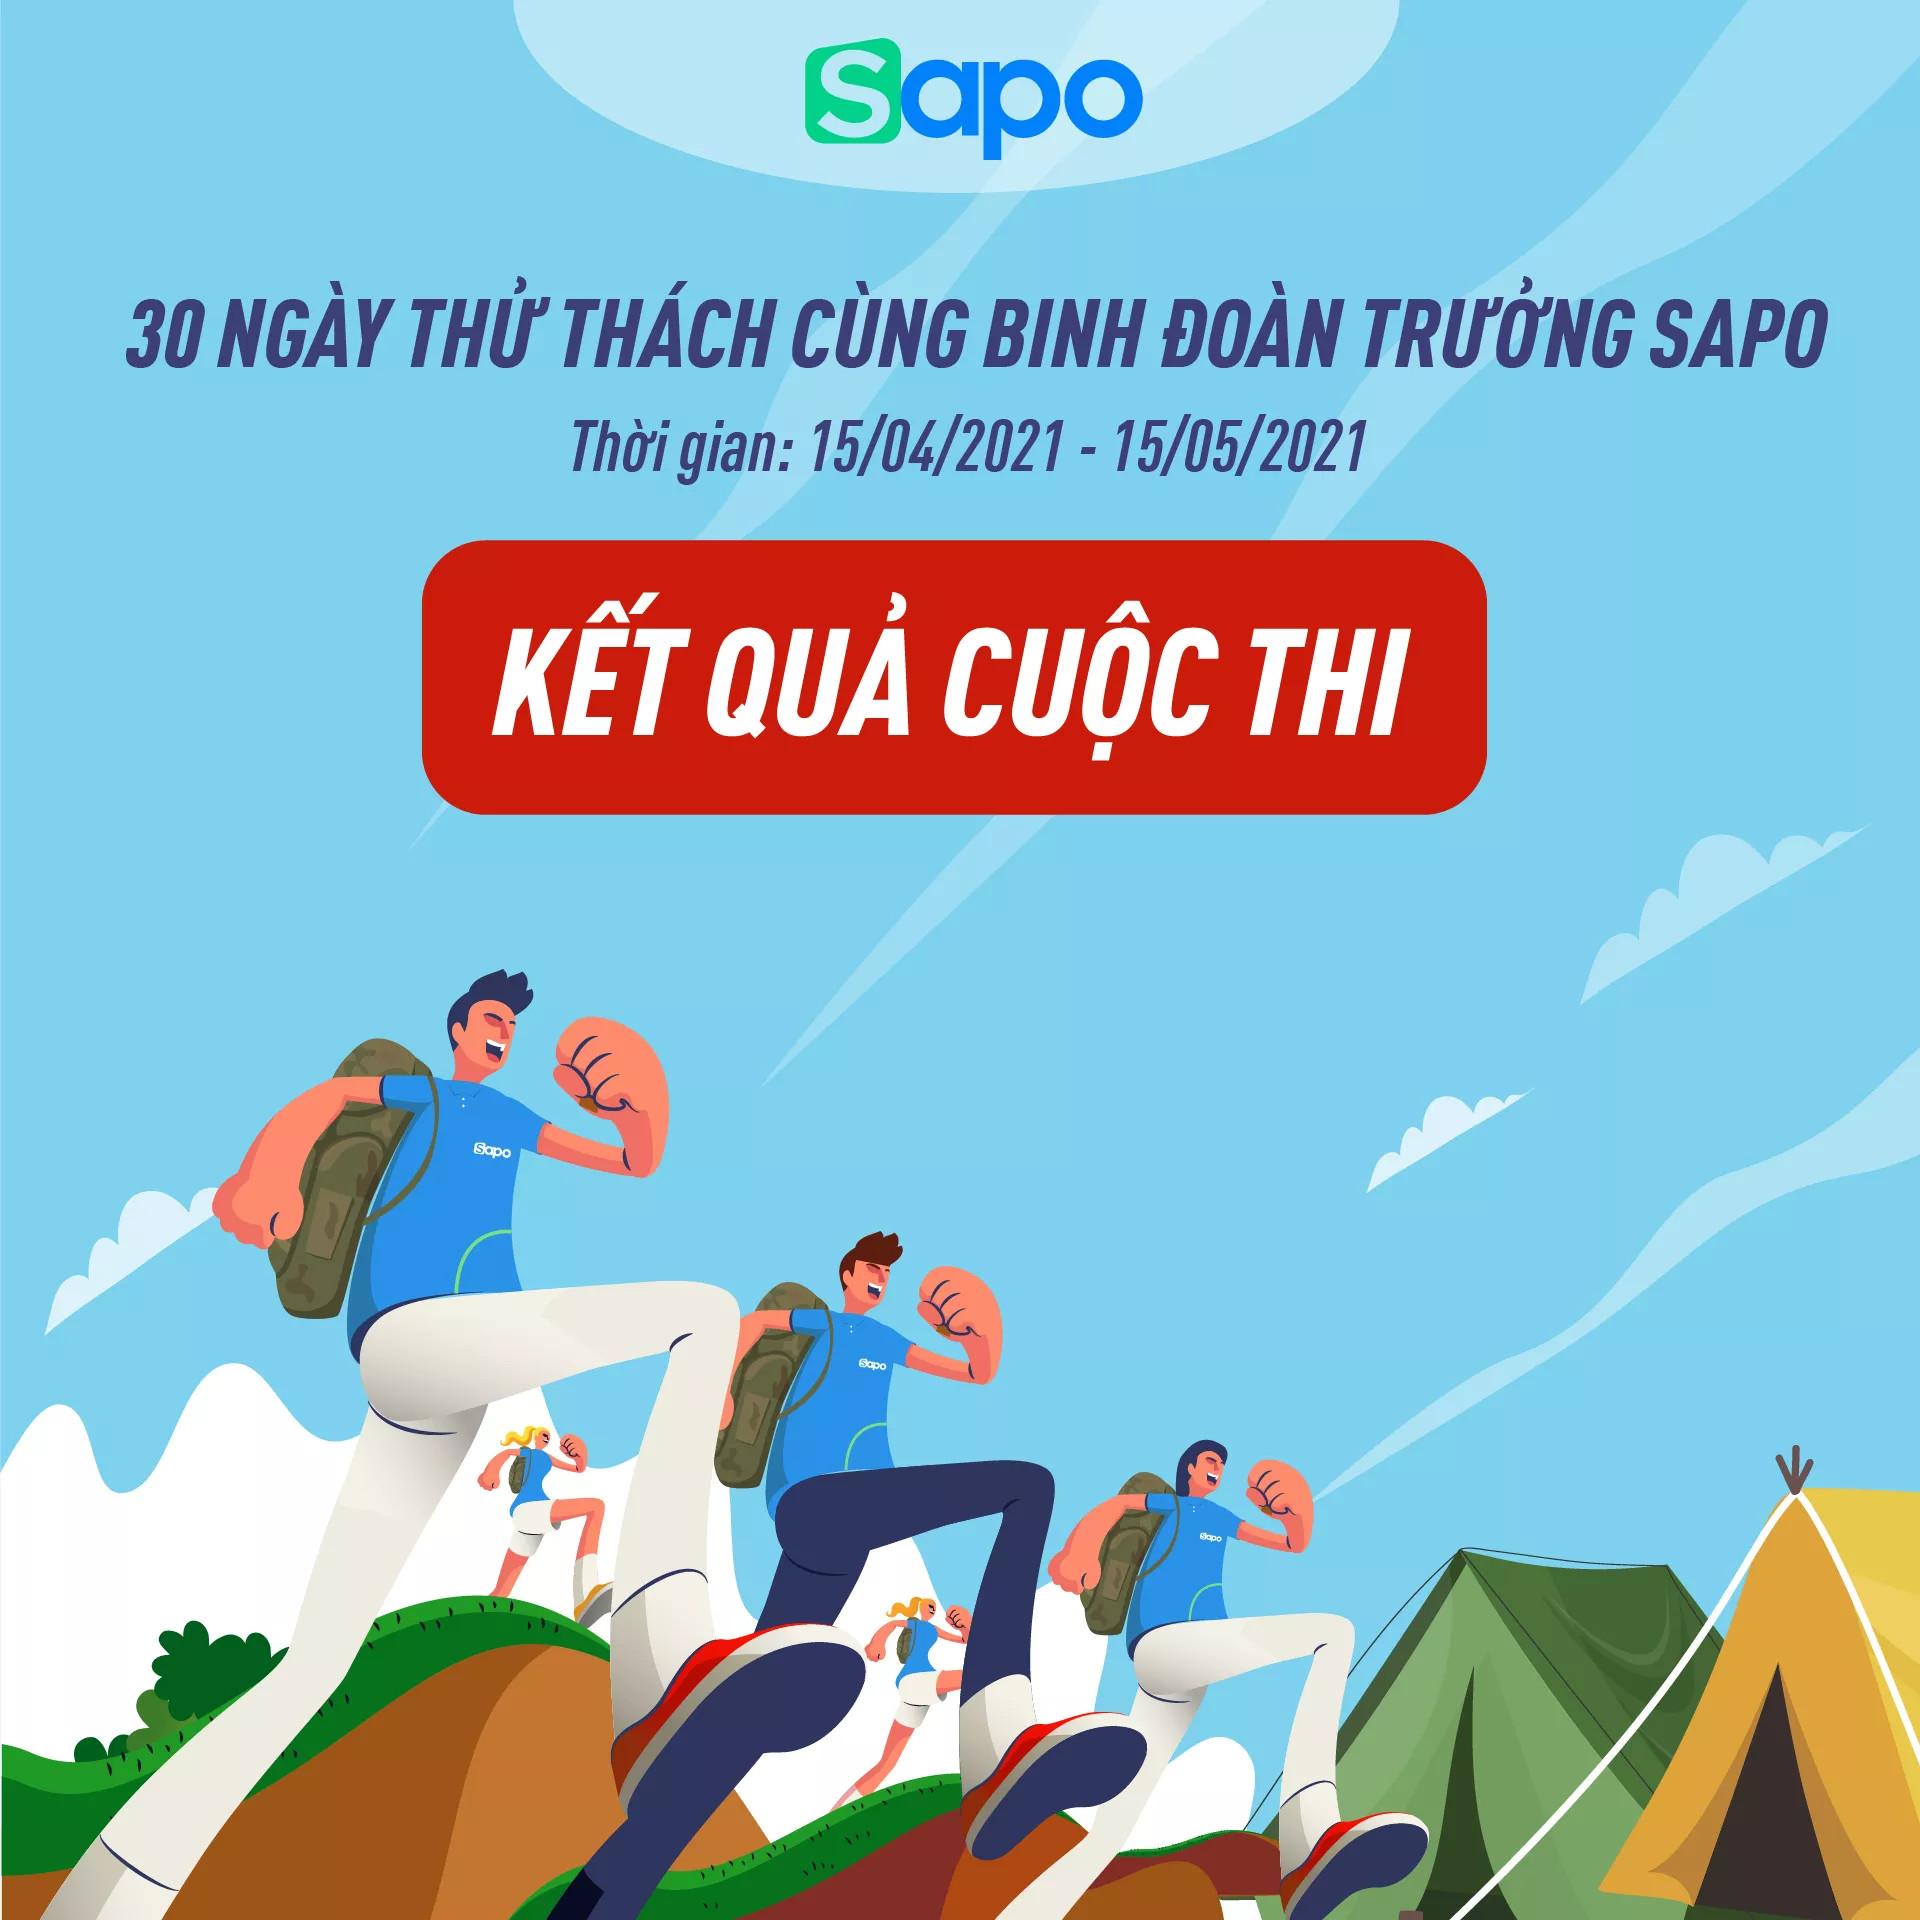 Kết quả cuộc thi: 30 ngày thử thách cùng binh đoàn trưởng Sapo 2021